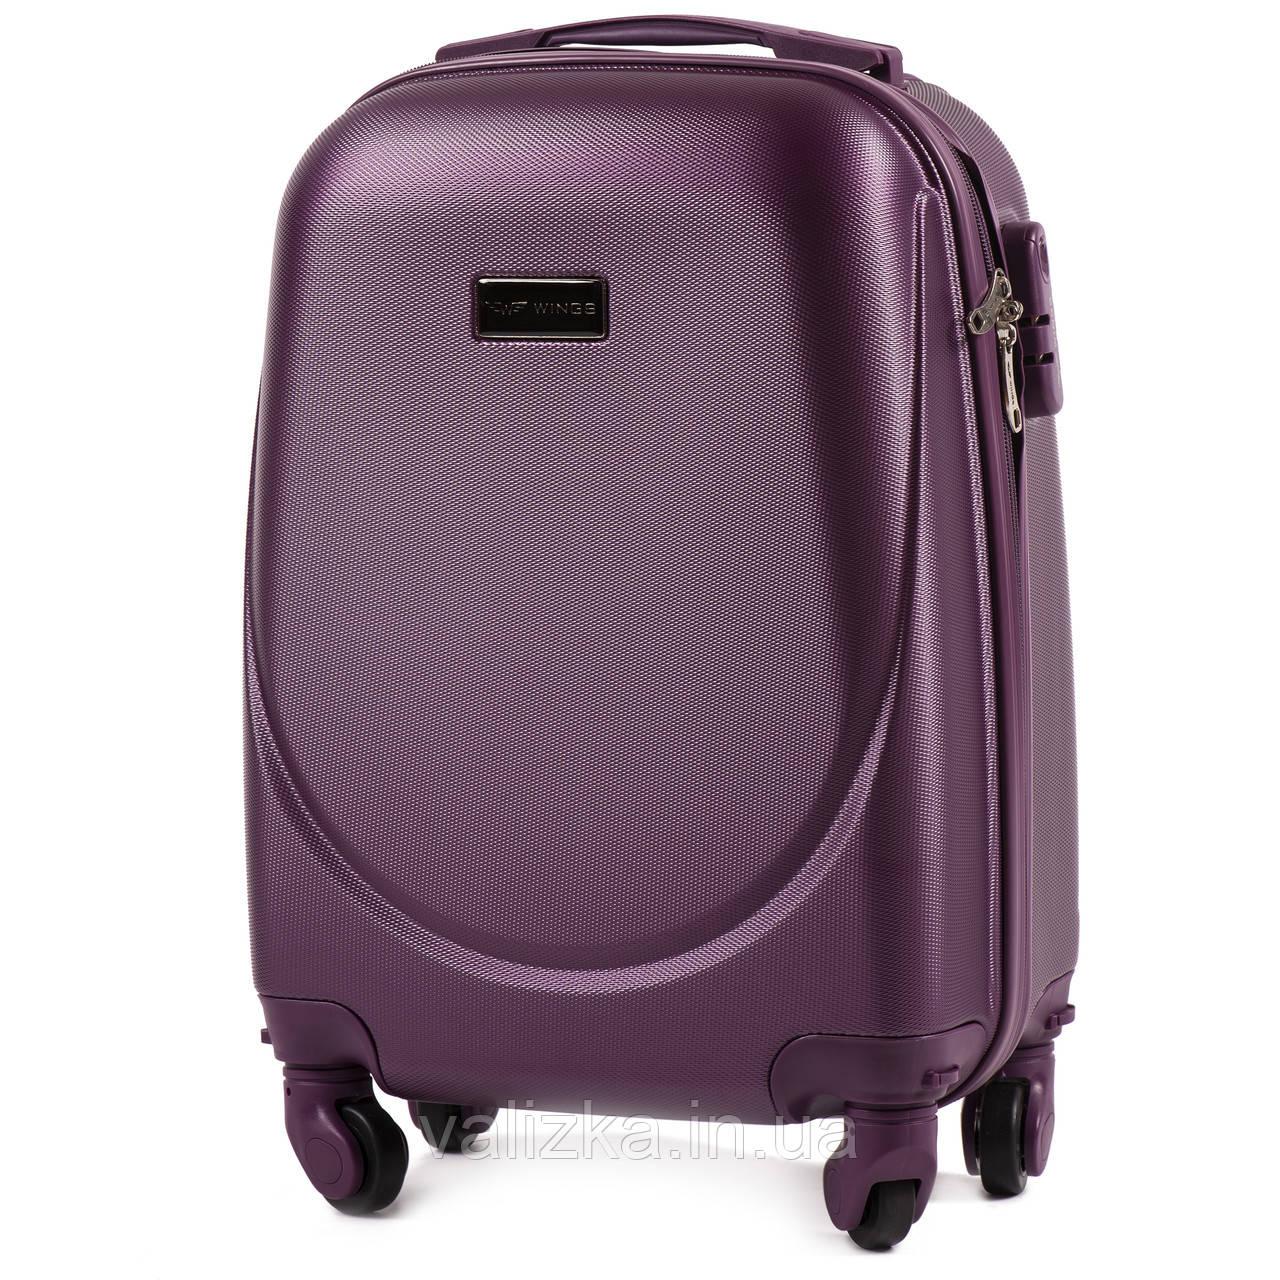 Пластиковый чемодан для ручной клади фиолетовый с фурнитурой в цвет